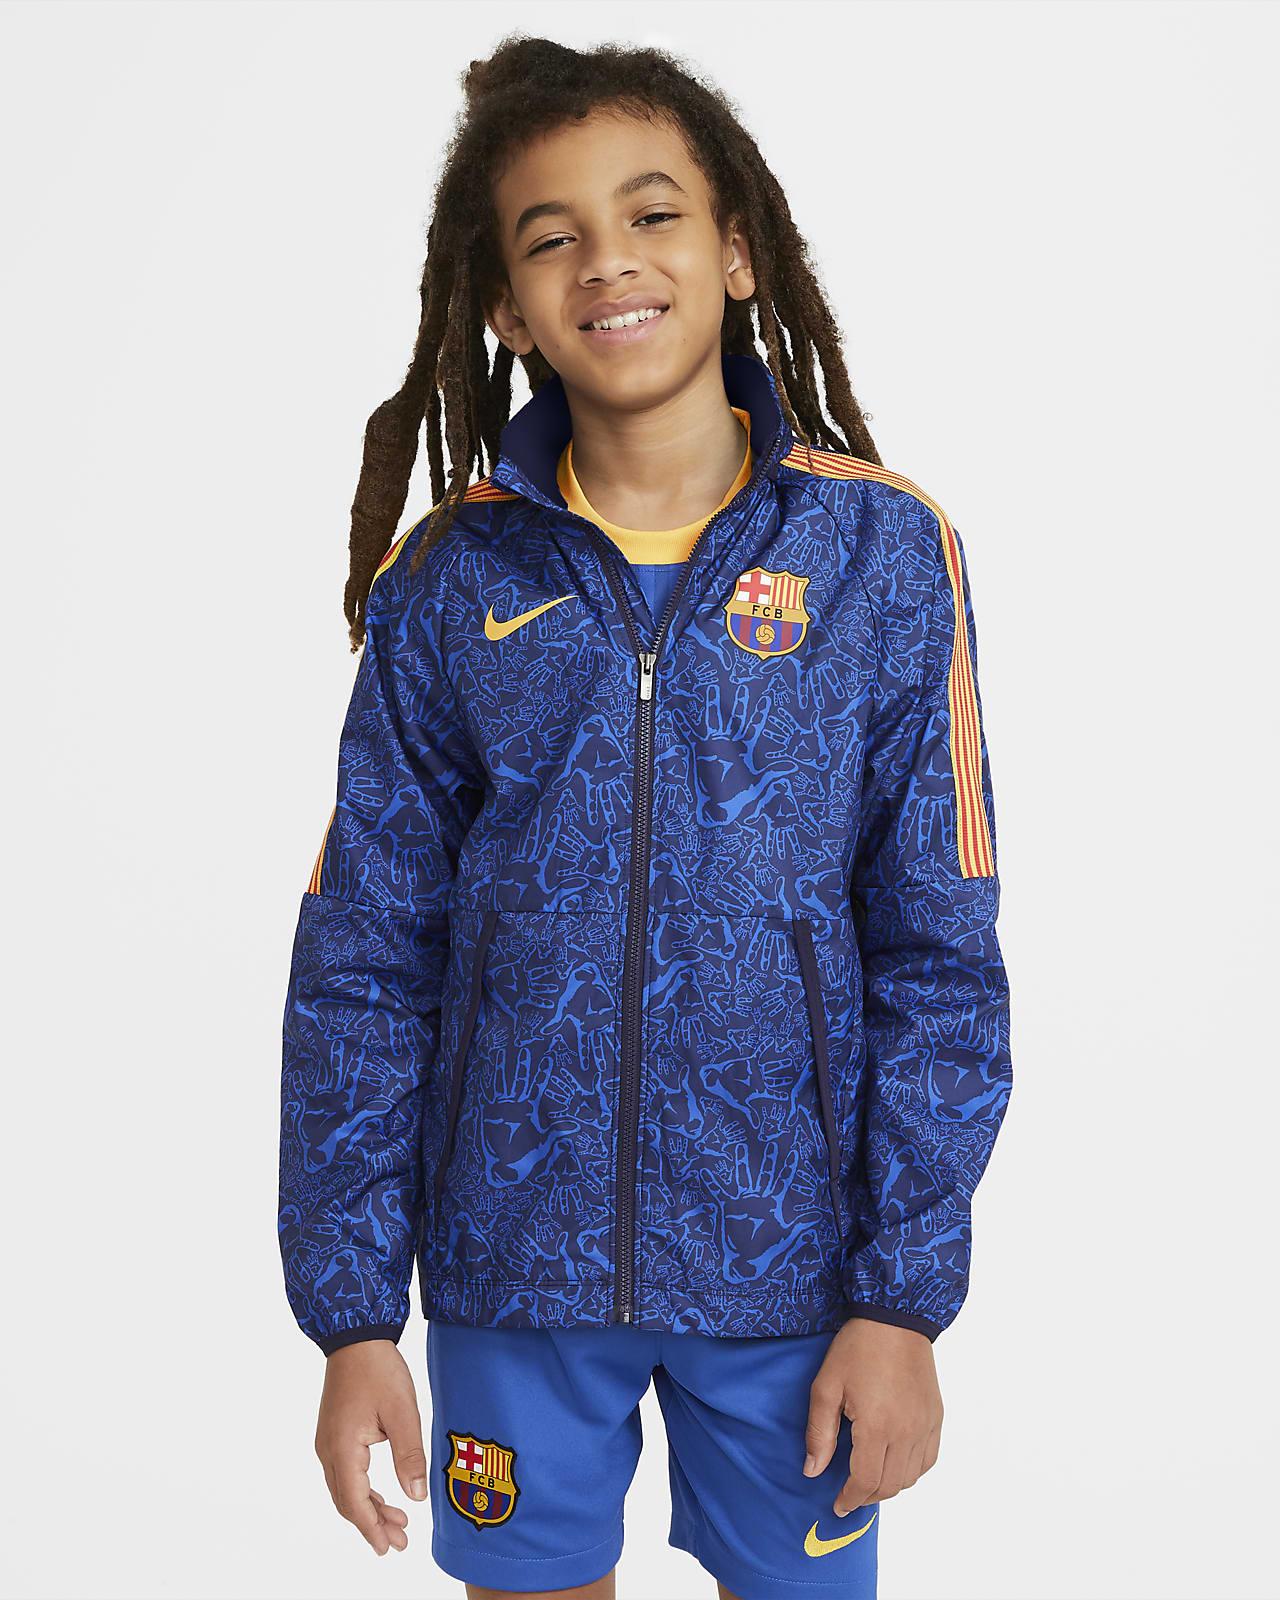 Ποδοσφαιρικό τζάκετ Μπαρτσελόνα AWF για μεγάλα παιδιά